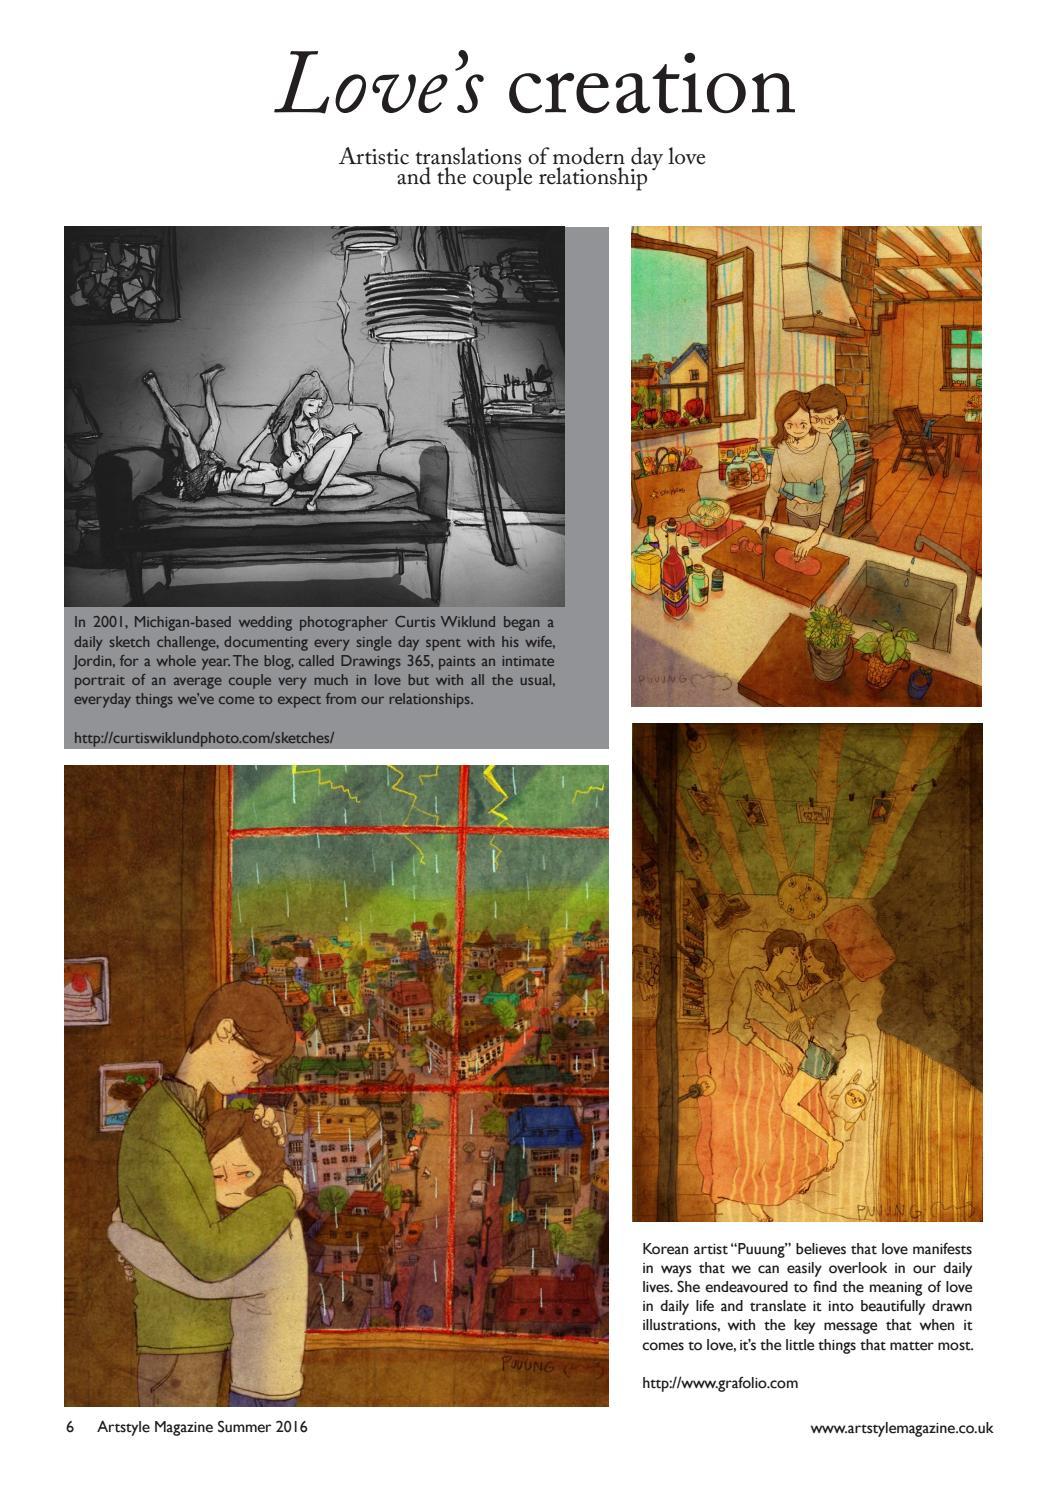 Artstyle magazine summer 16 by Lifestyle Magazines - issuu